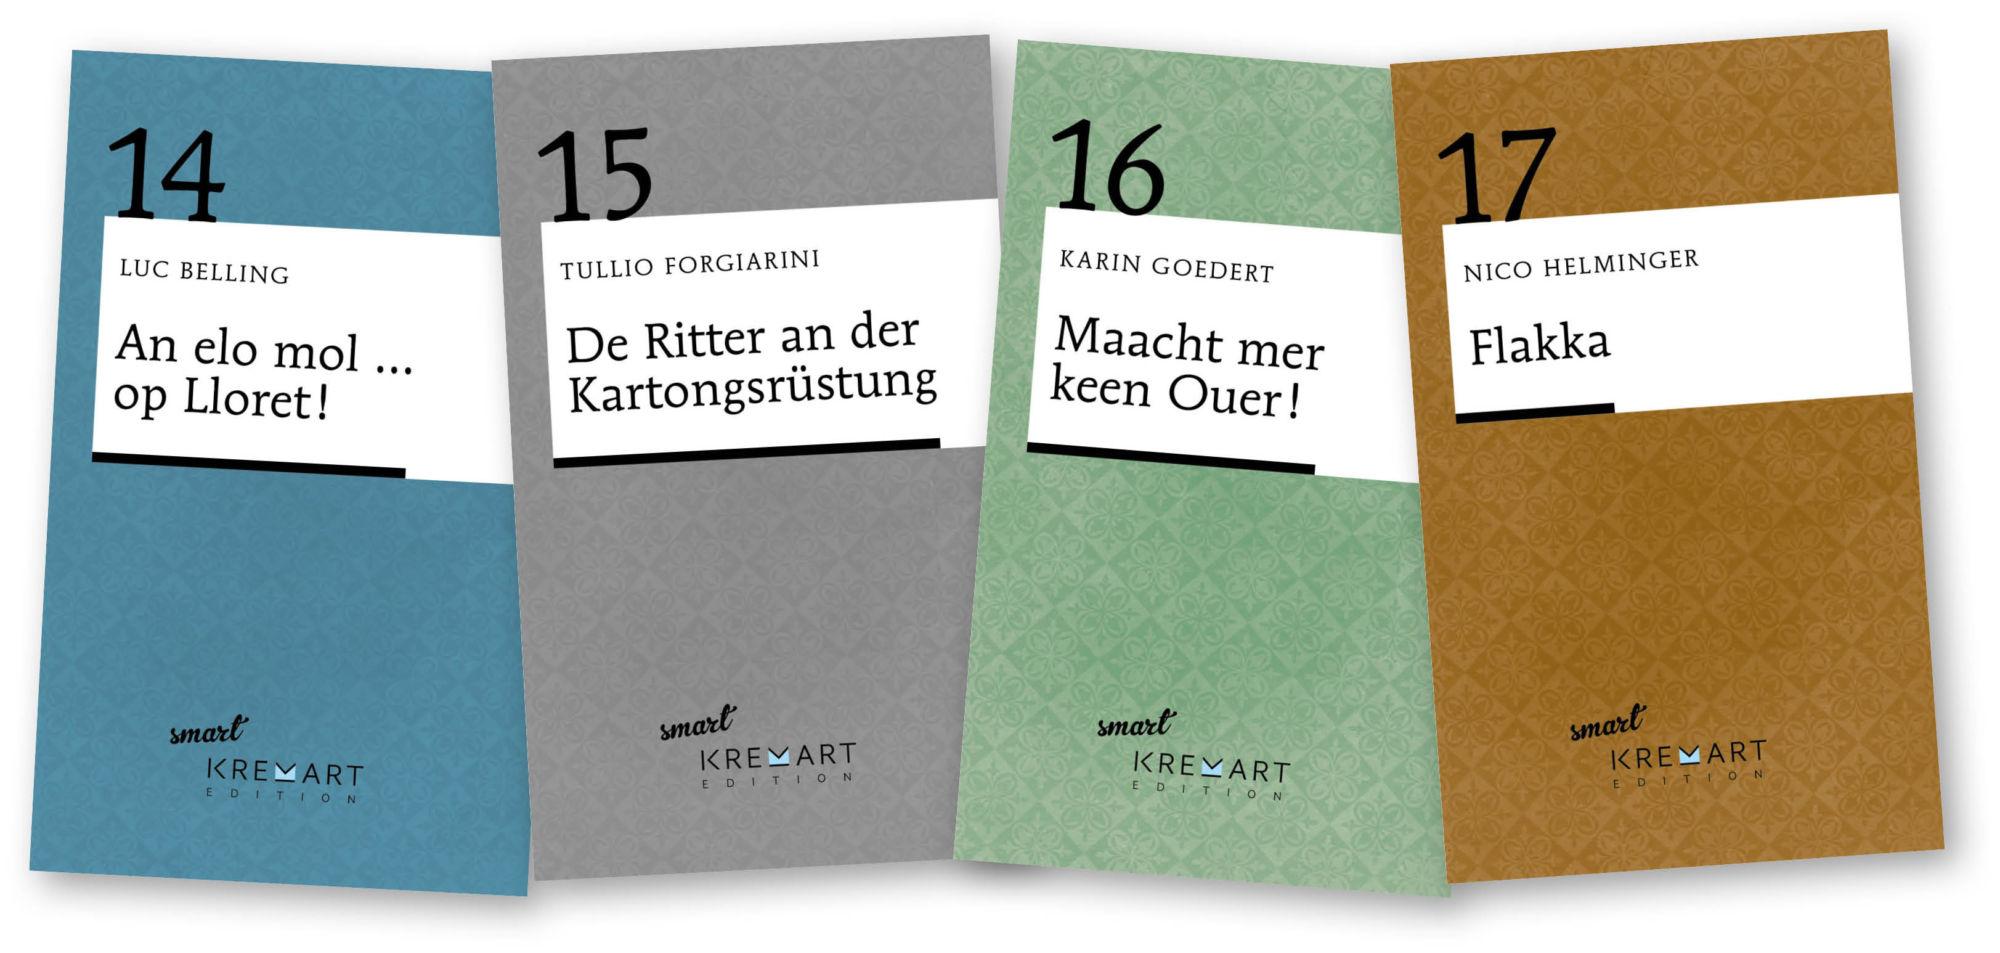 Smartbooks_14_15_16_17_2